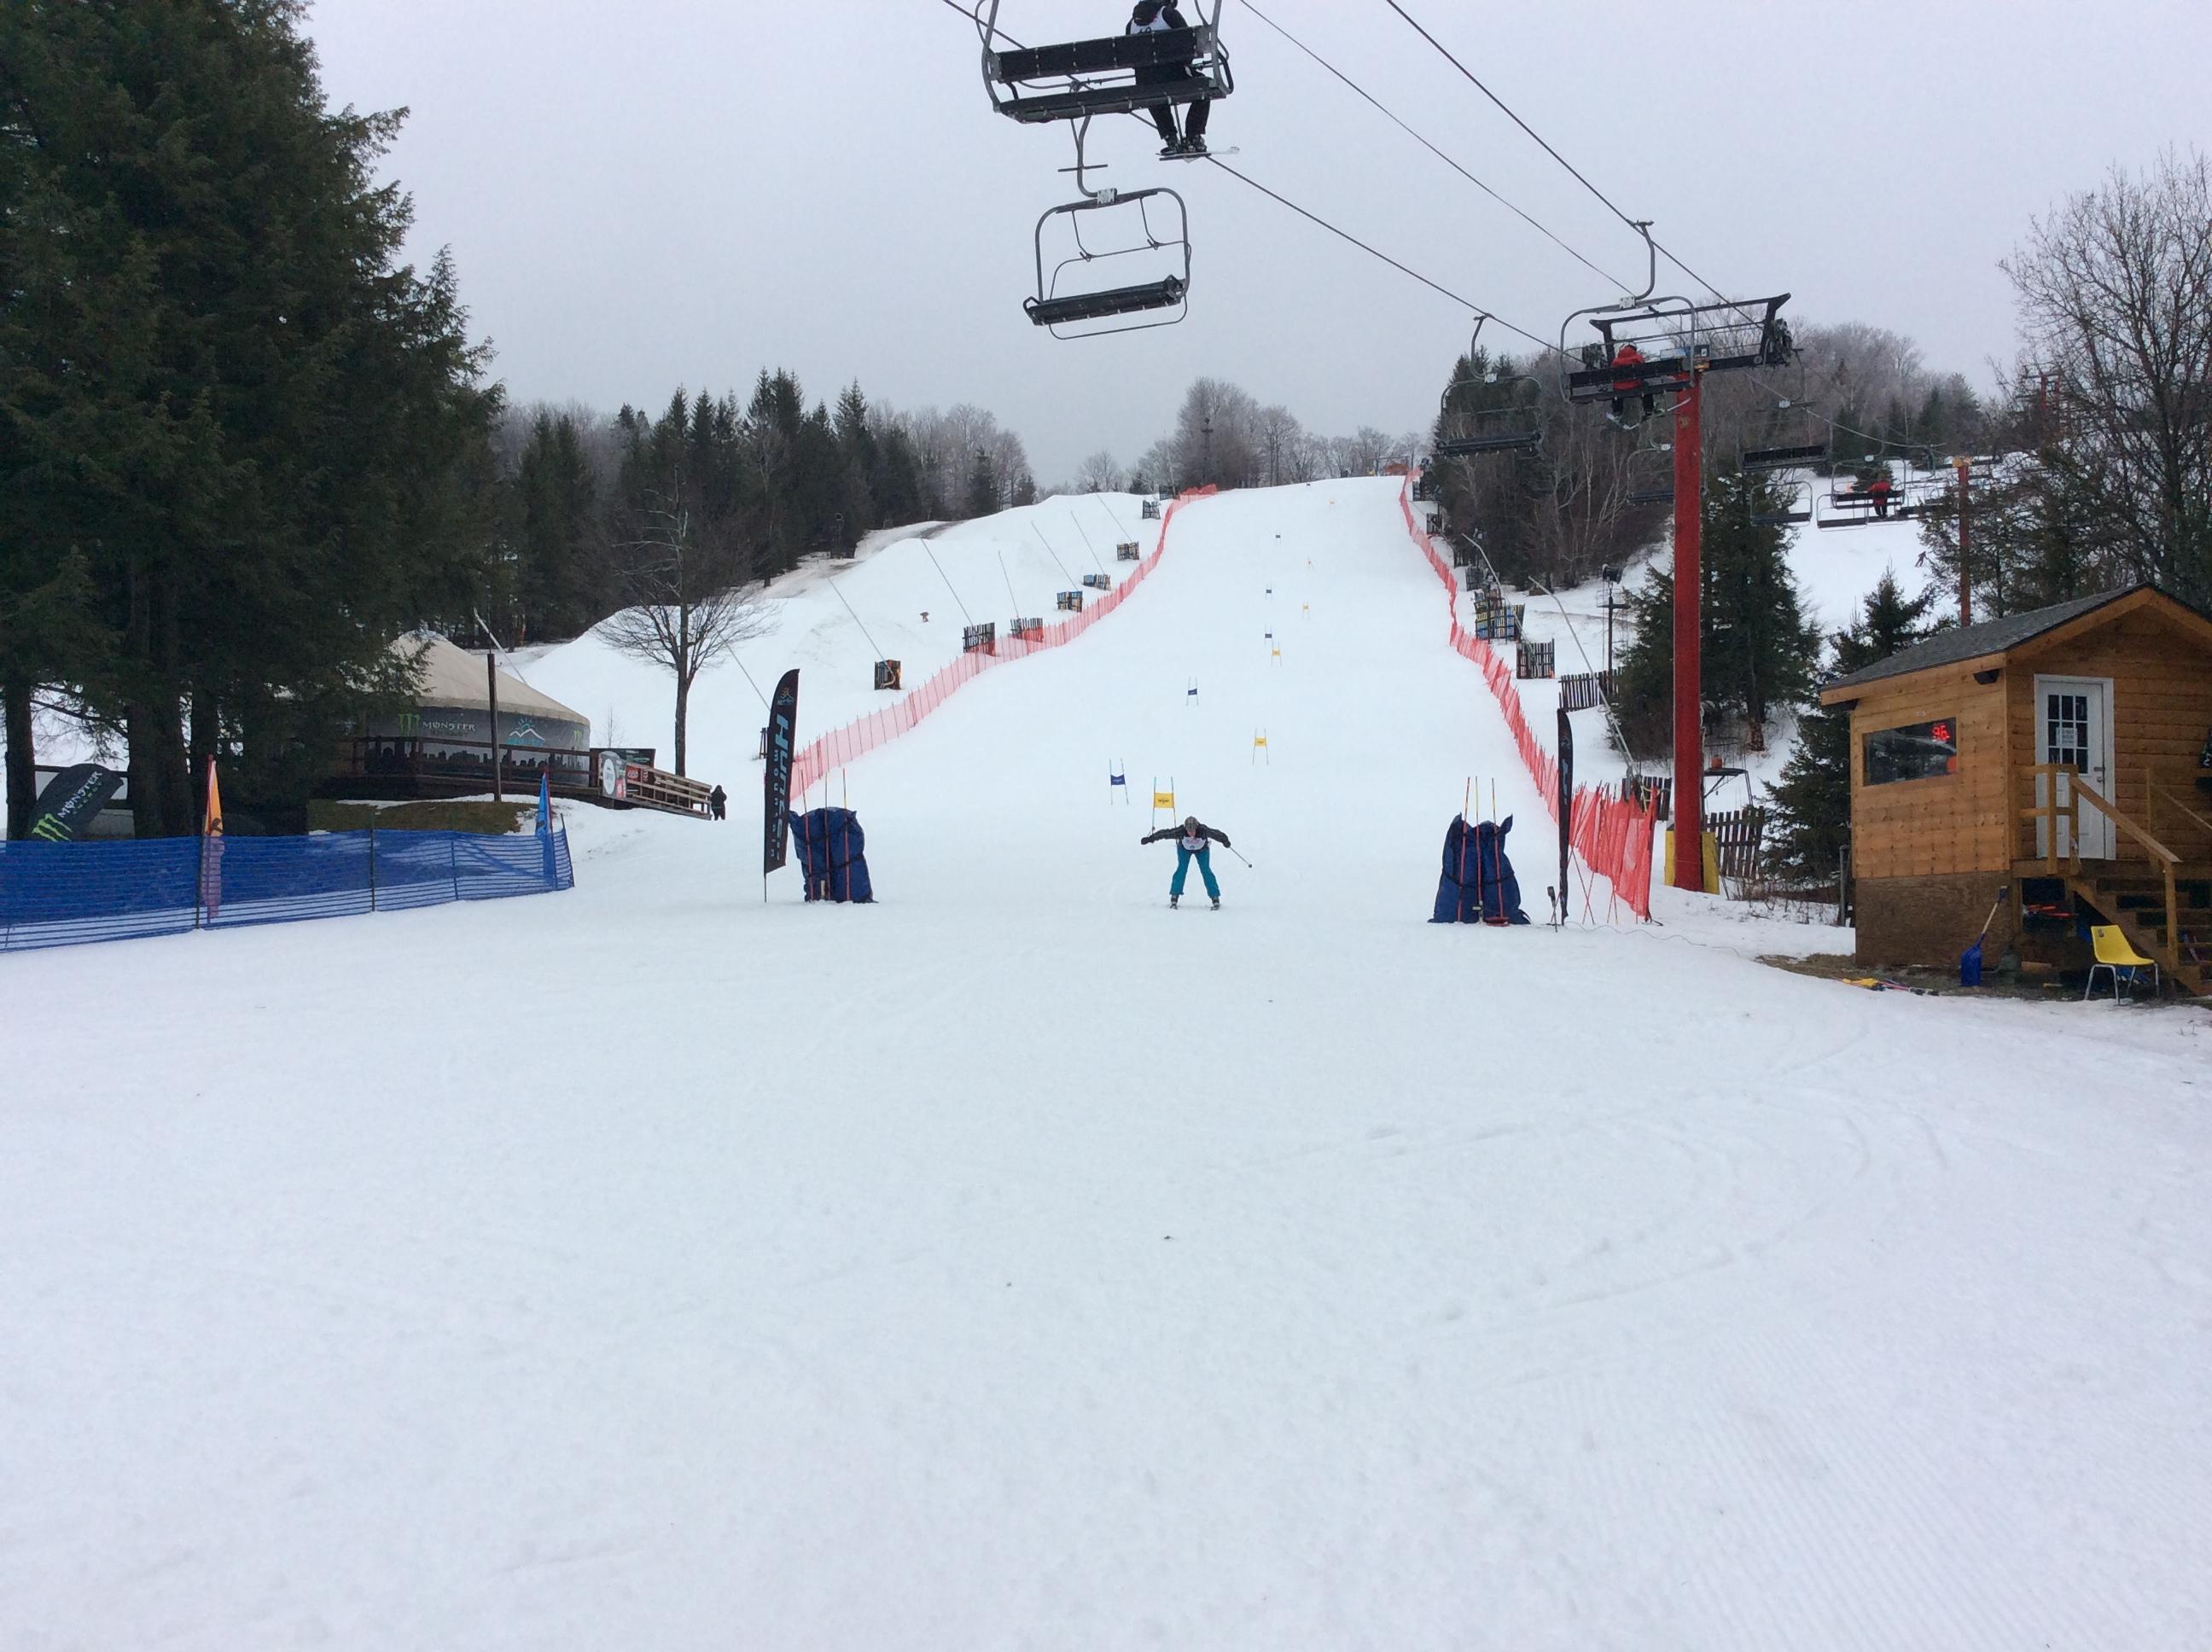 nypd-ski-club_32396152155_o